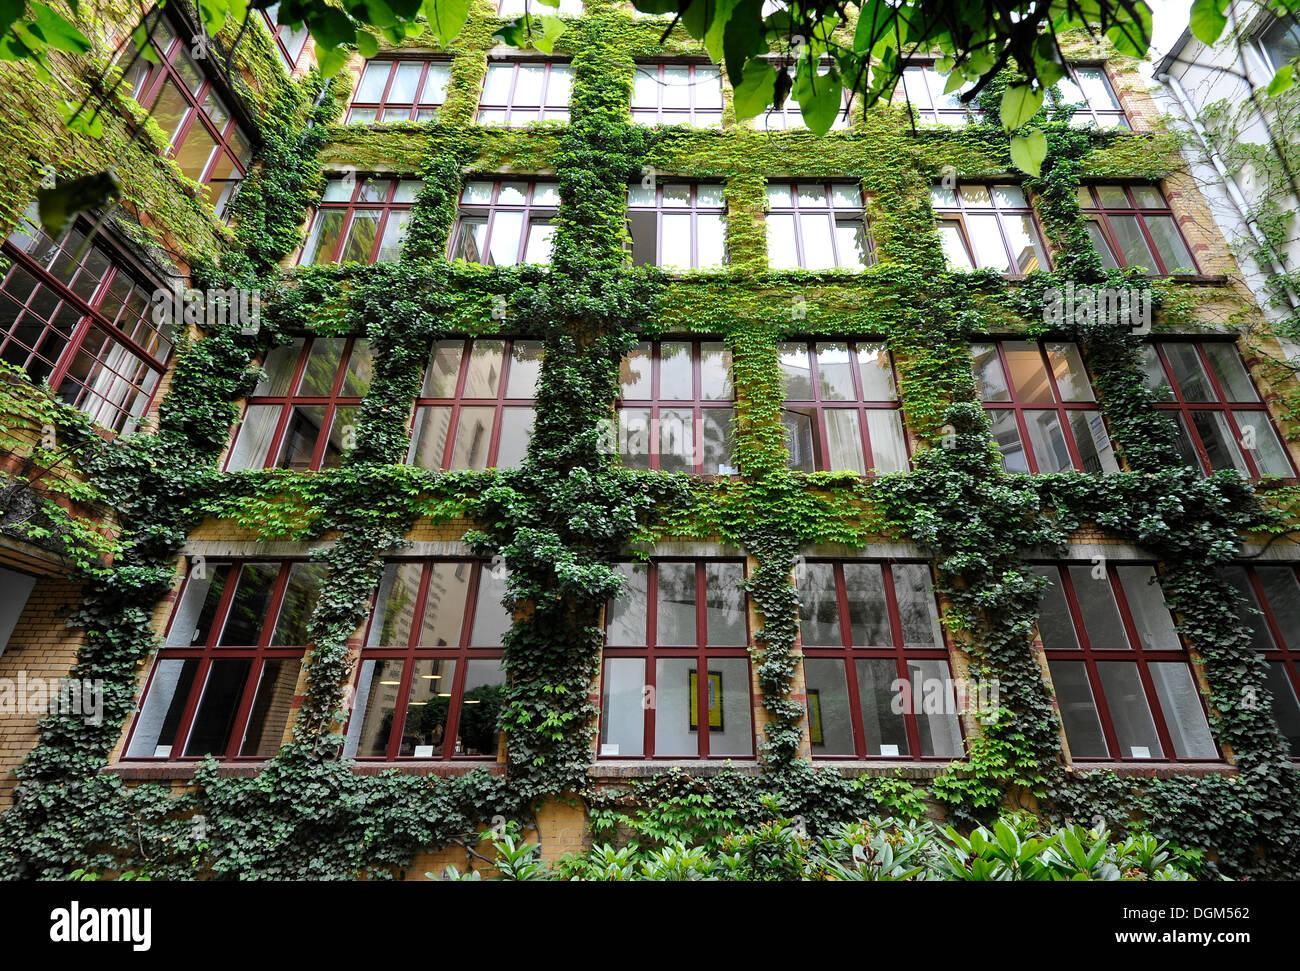 Sophie-Gips-Hoefe, yards, Mitte quarter, Berlin - Stock Image